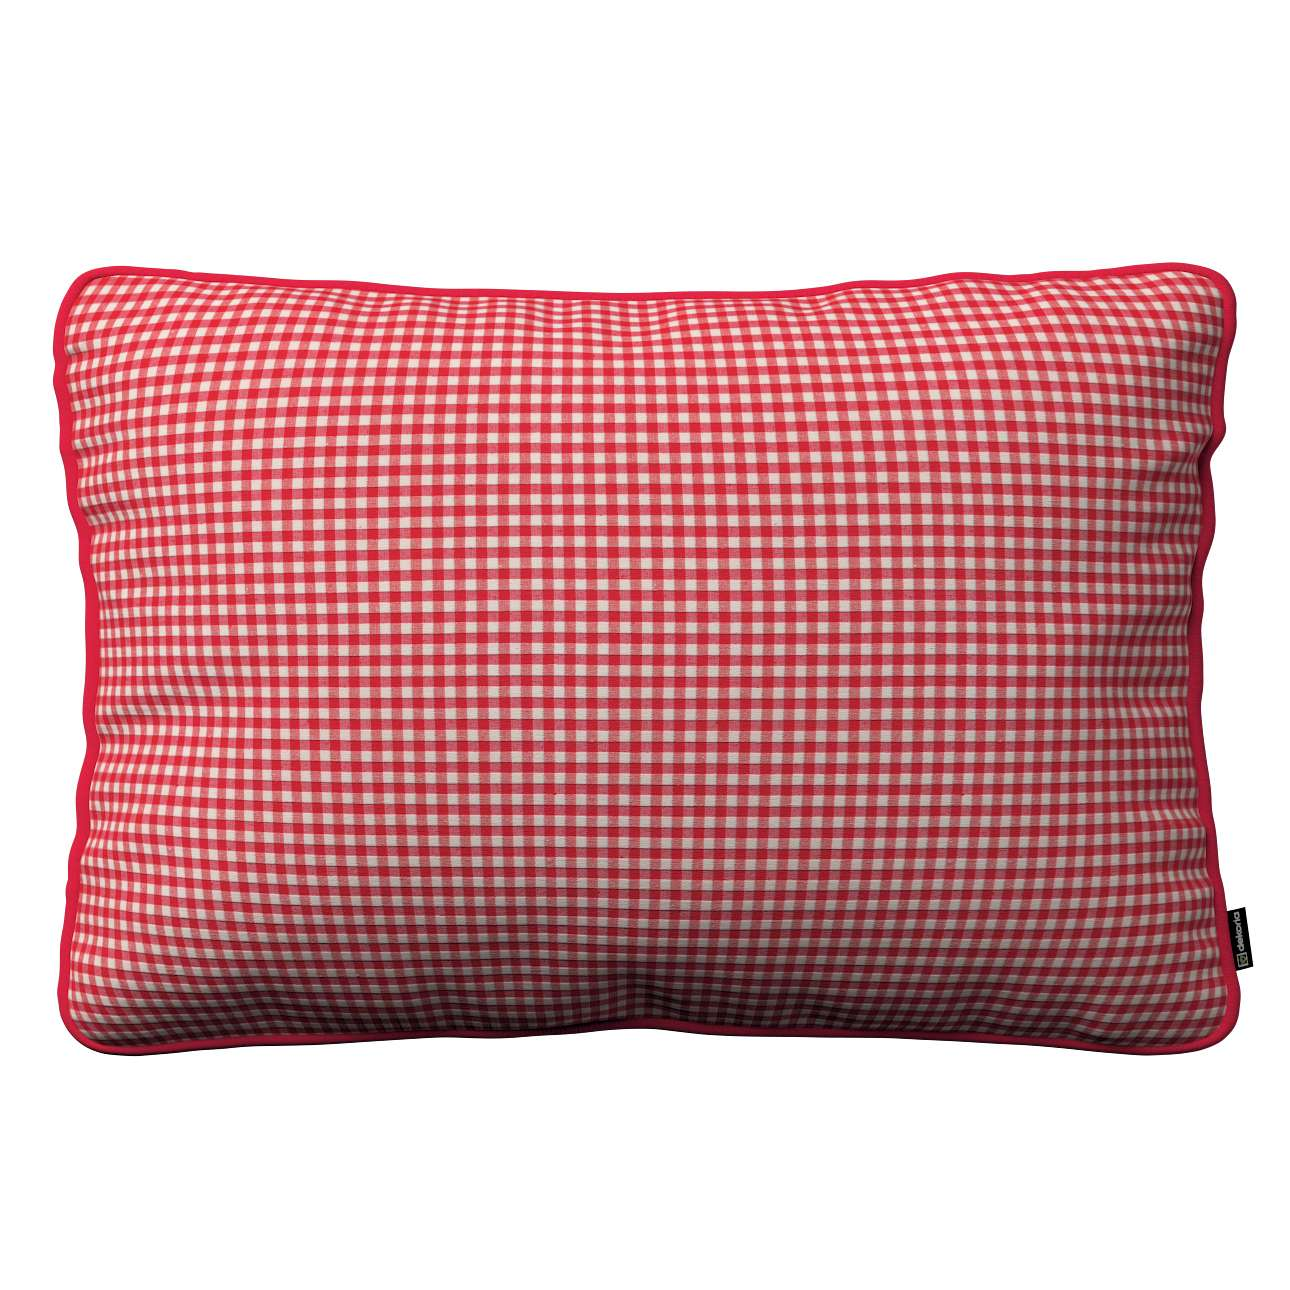 Poszewka Gabi na poduszkę prostokątna 60 x 40 cm w kolekcji Quadro, tkanina: 136-15